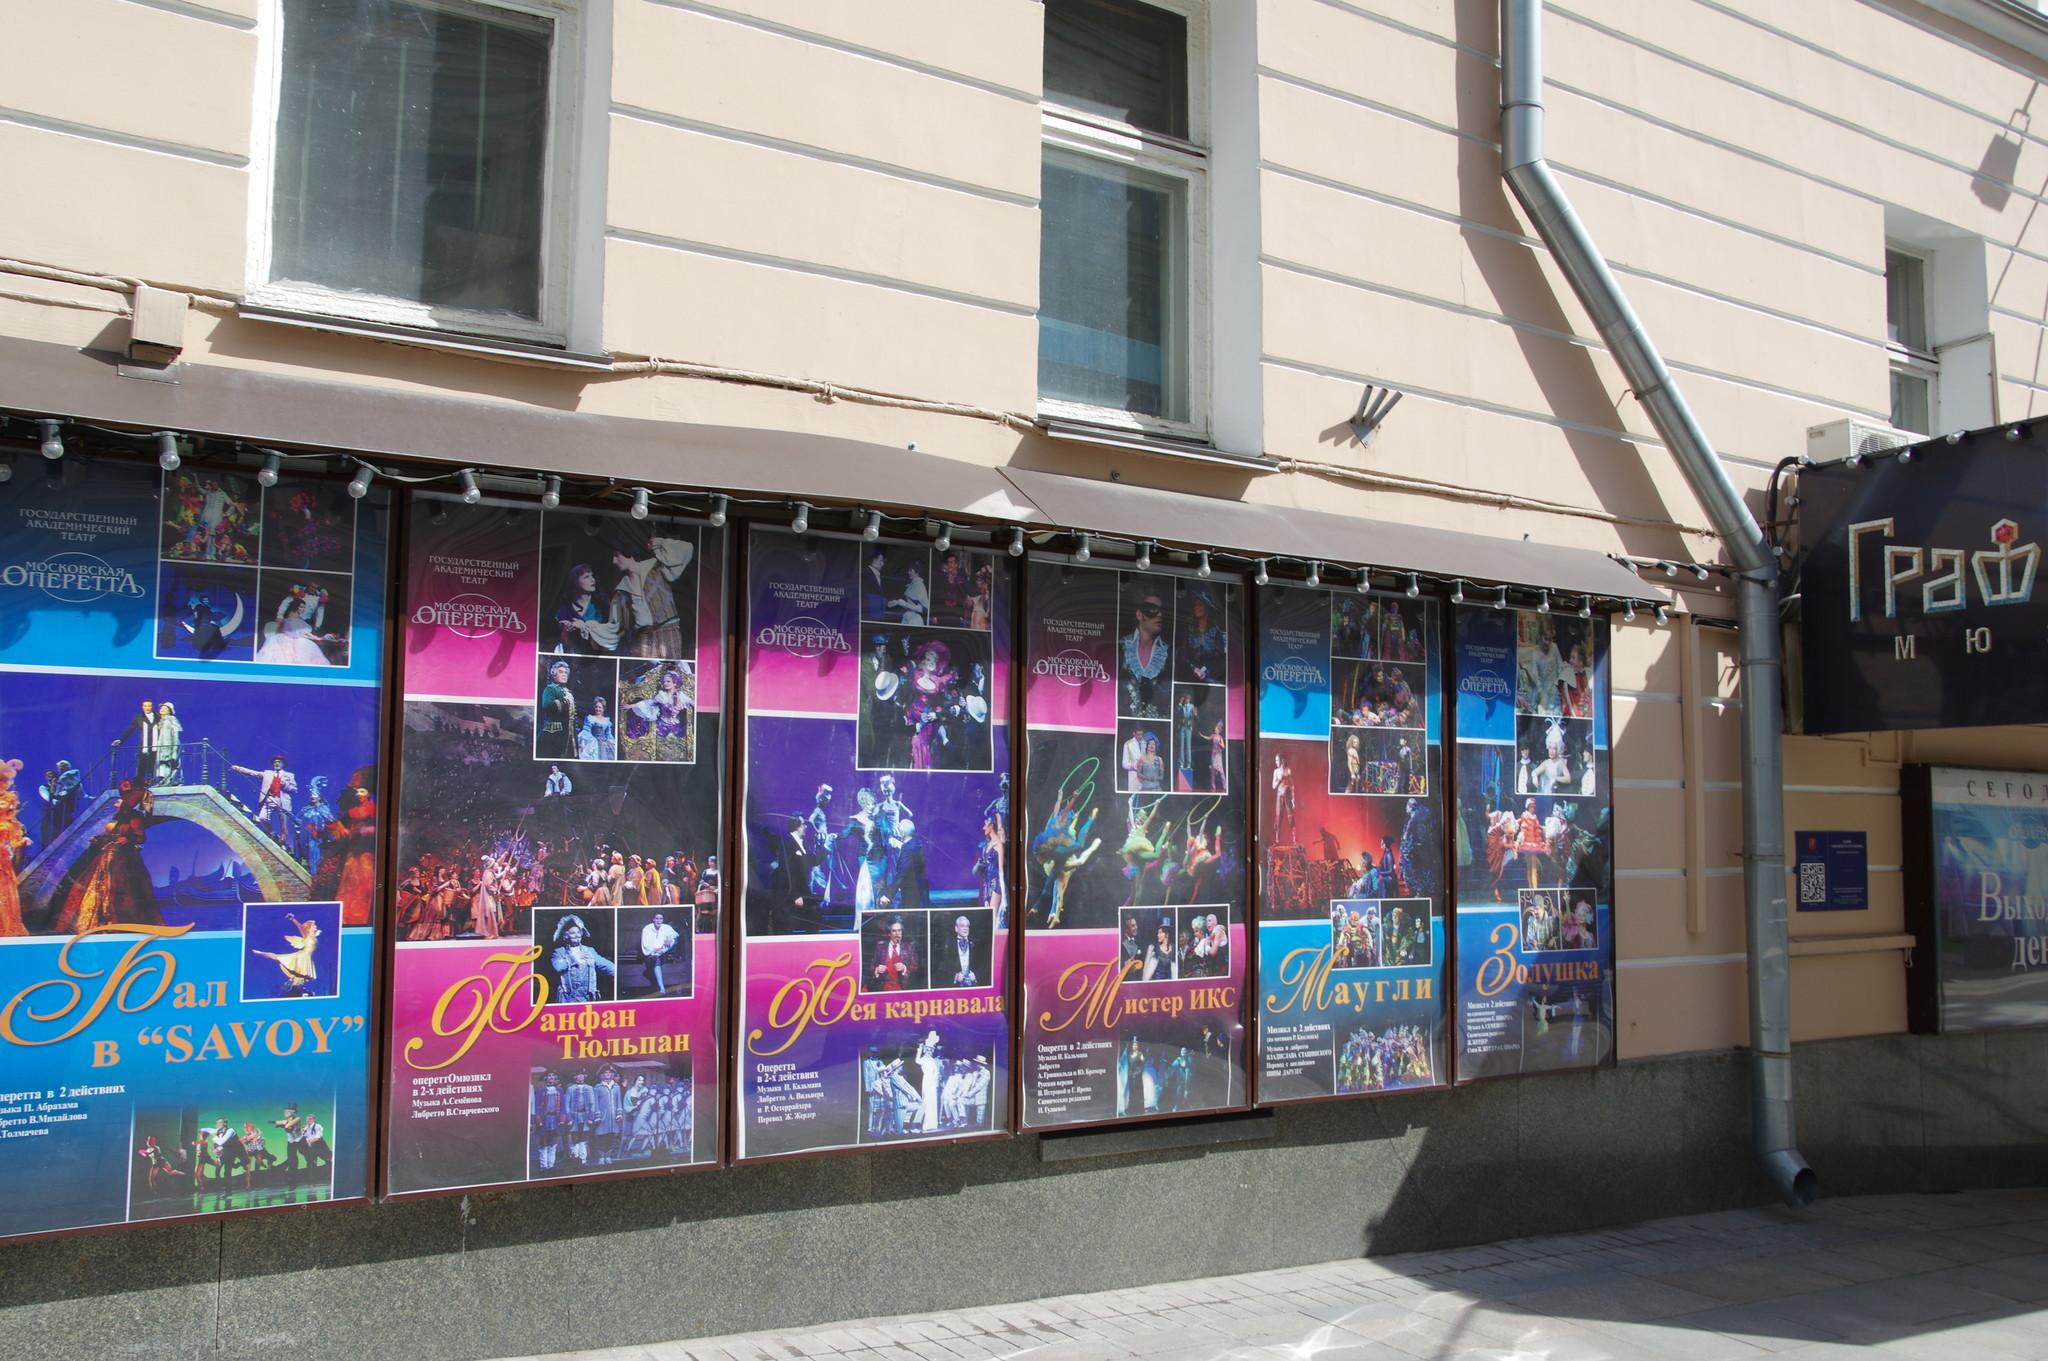 Московский государственный академический театр оперетты (улица Большая Дмитровка, дом 6)